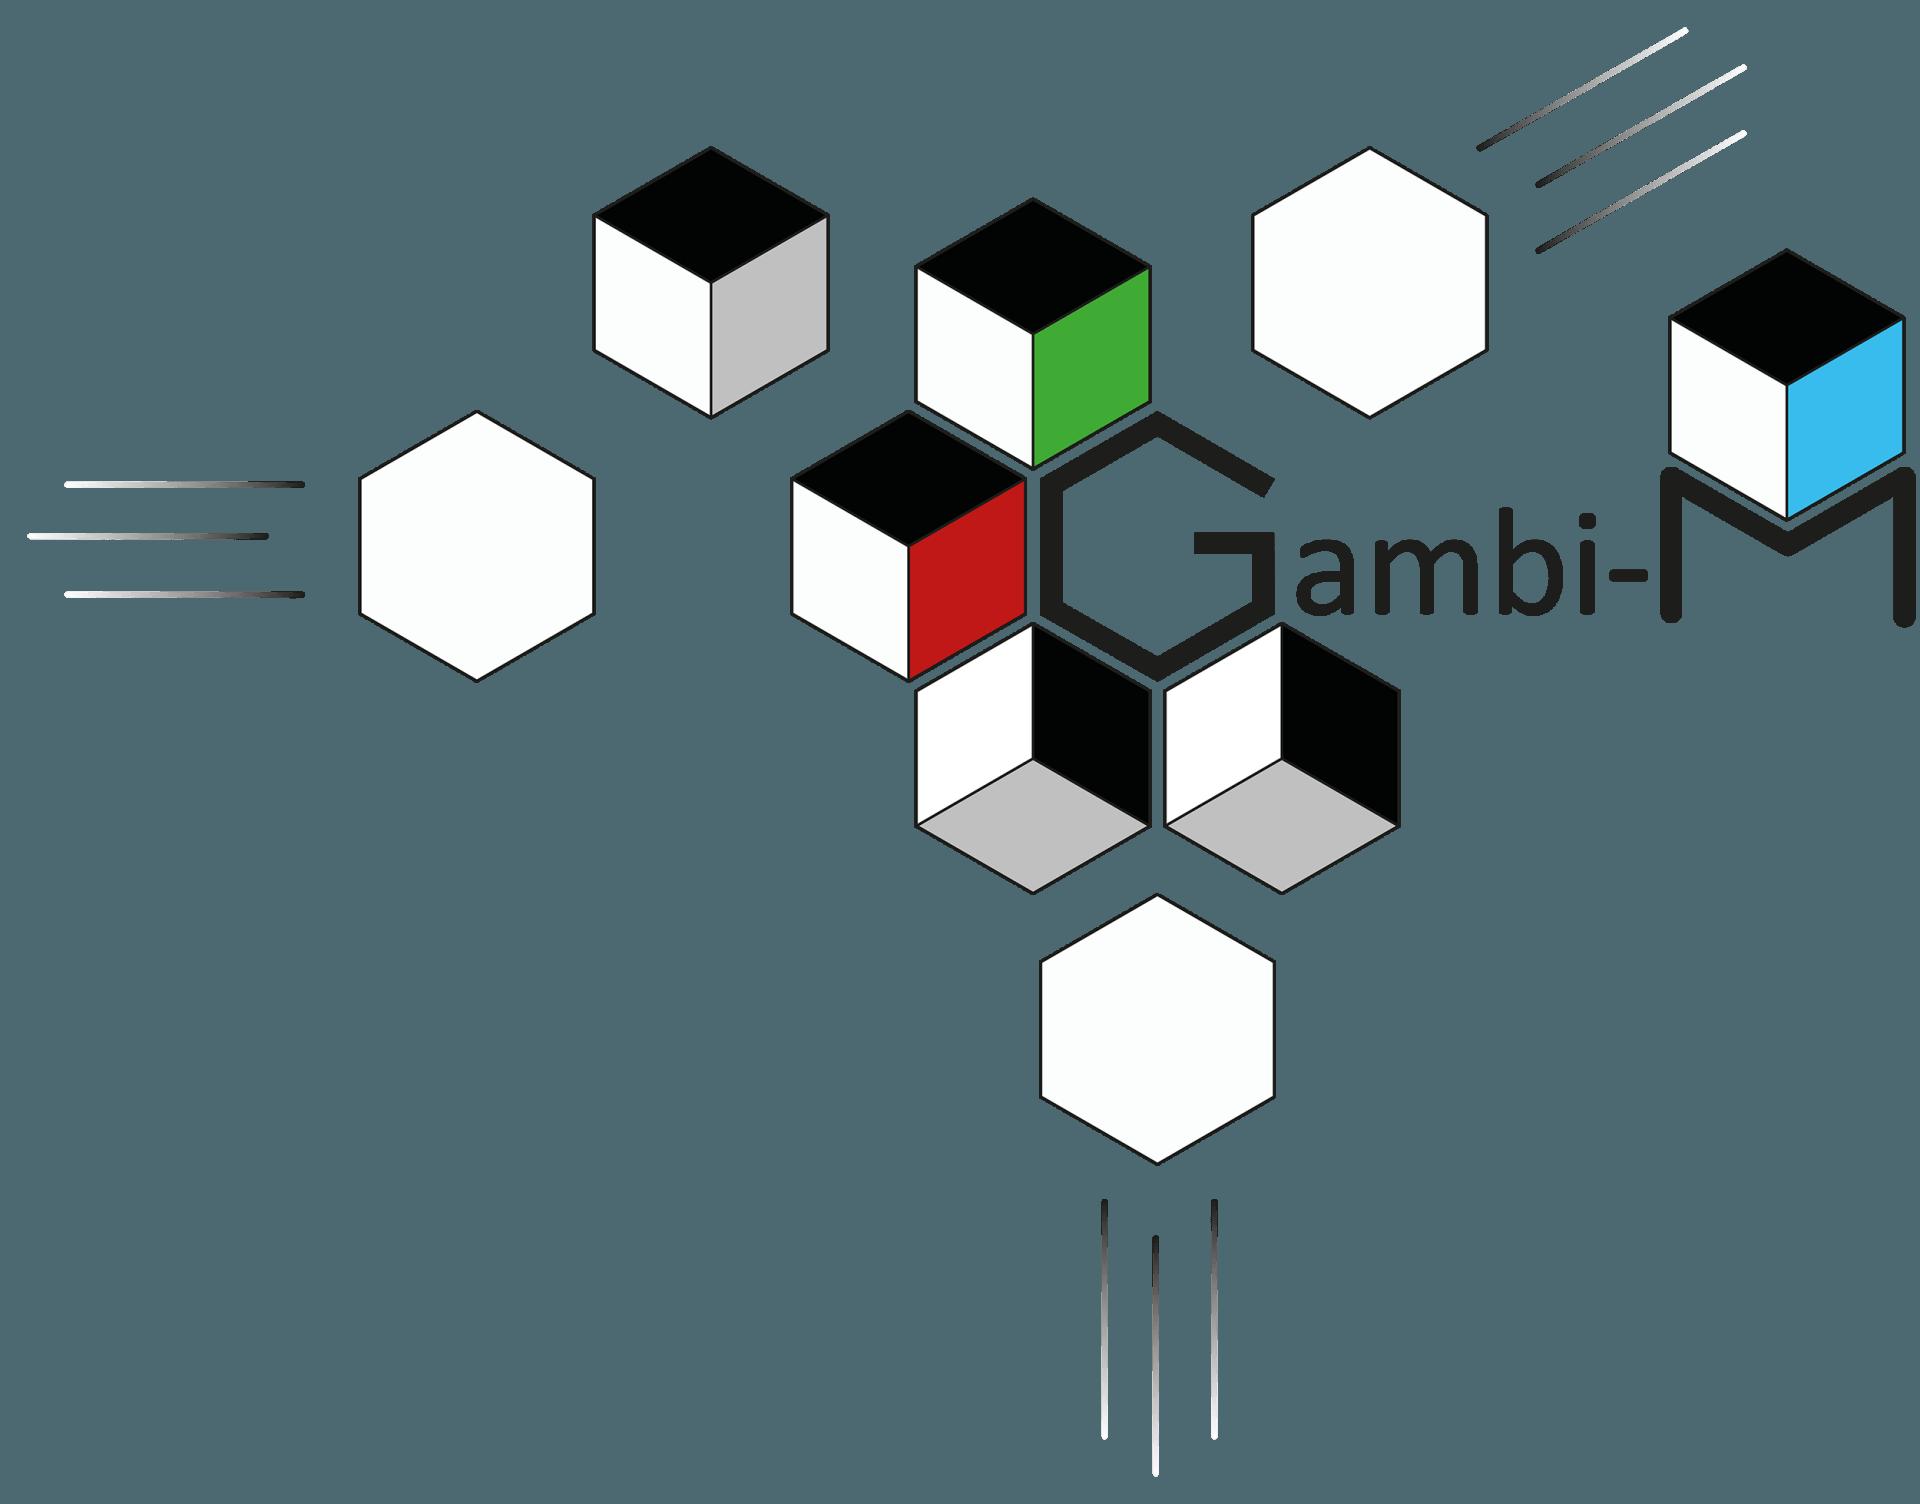 Logo Gambi-M